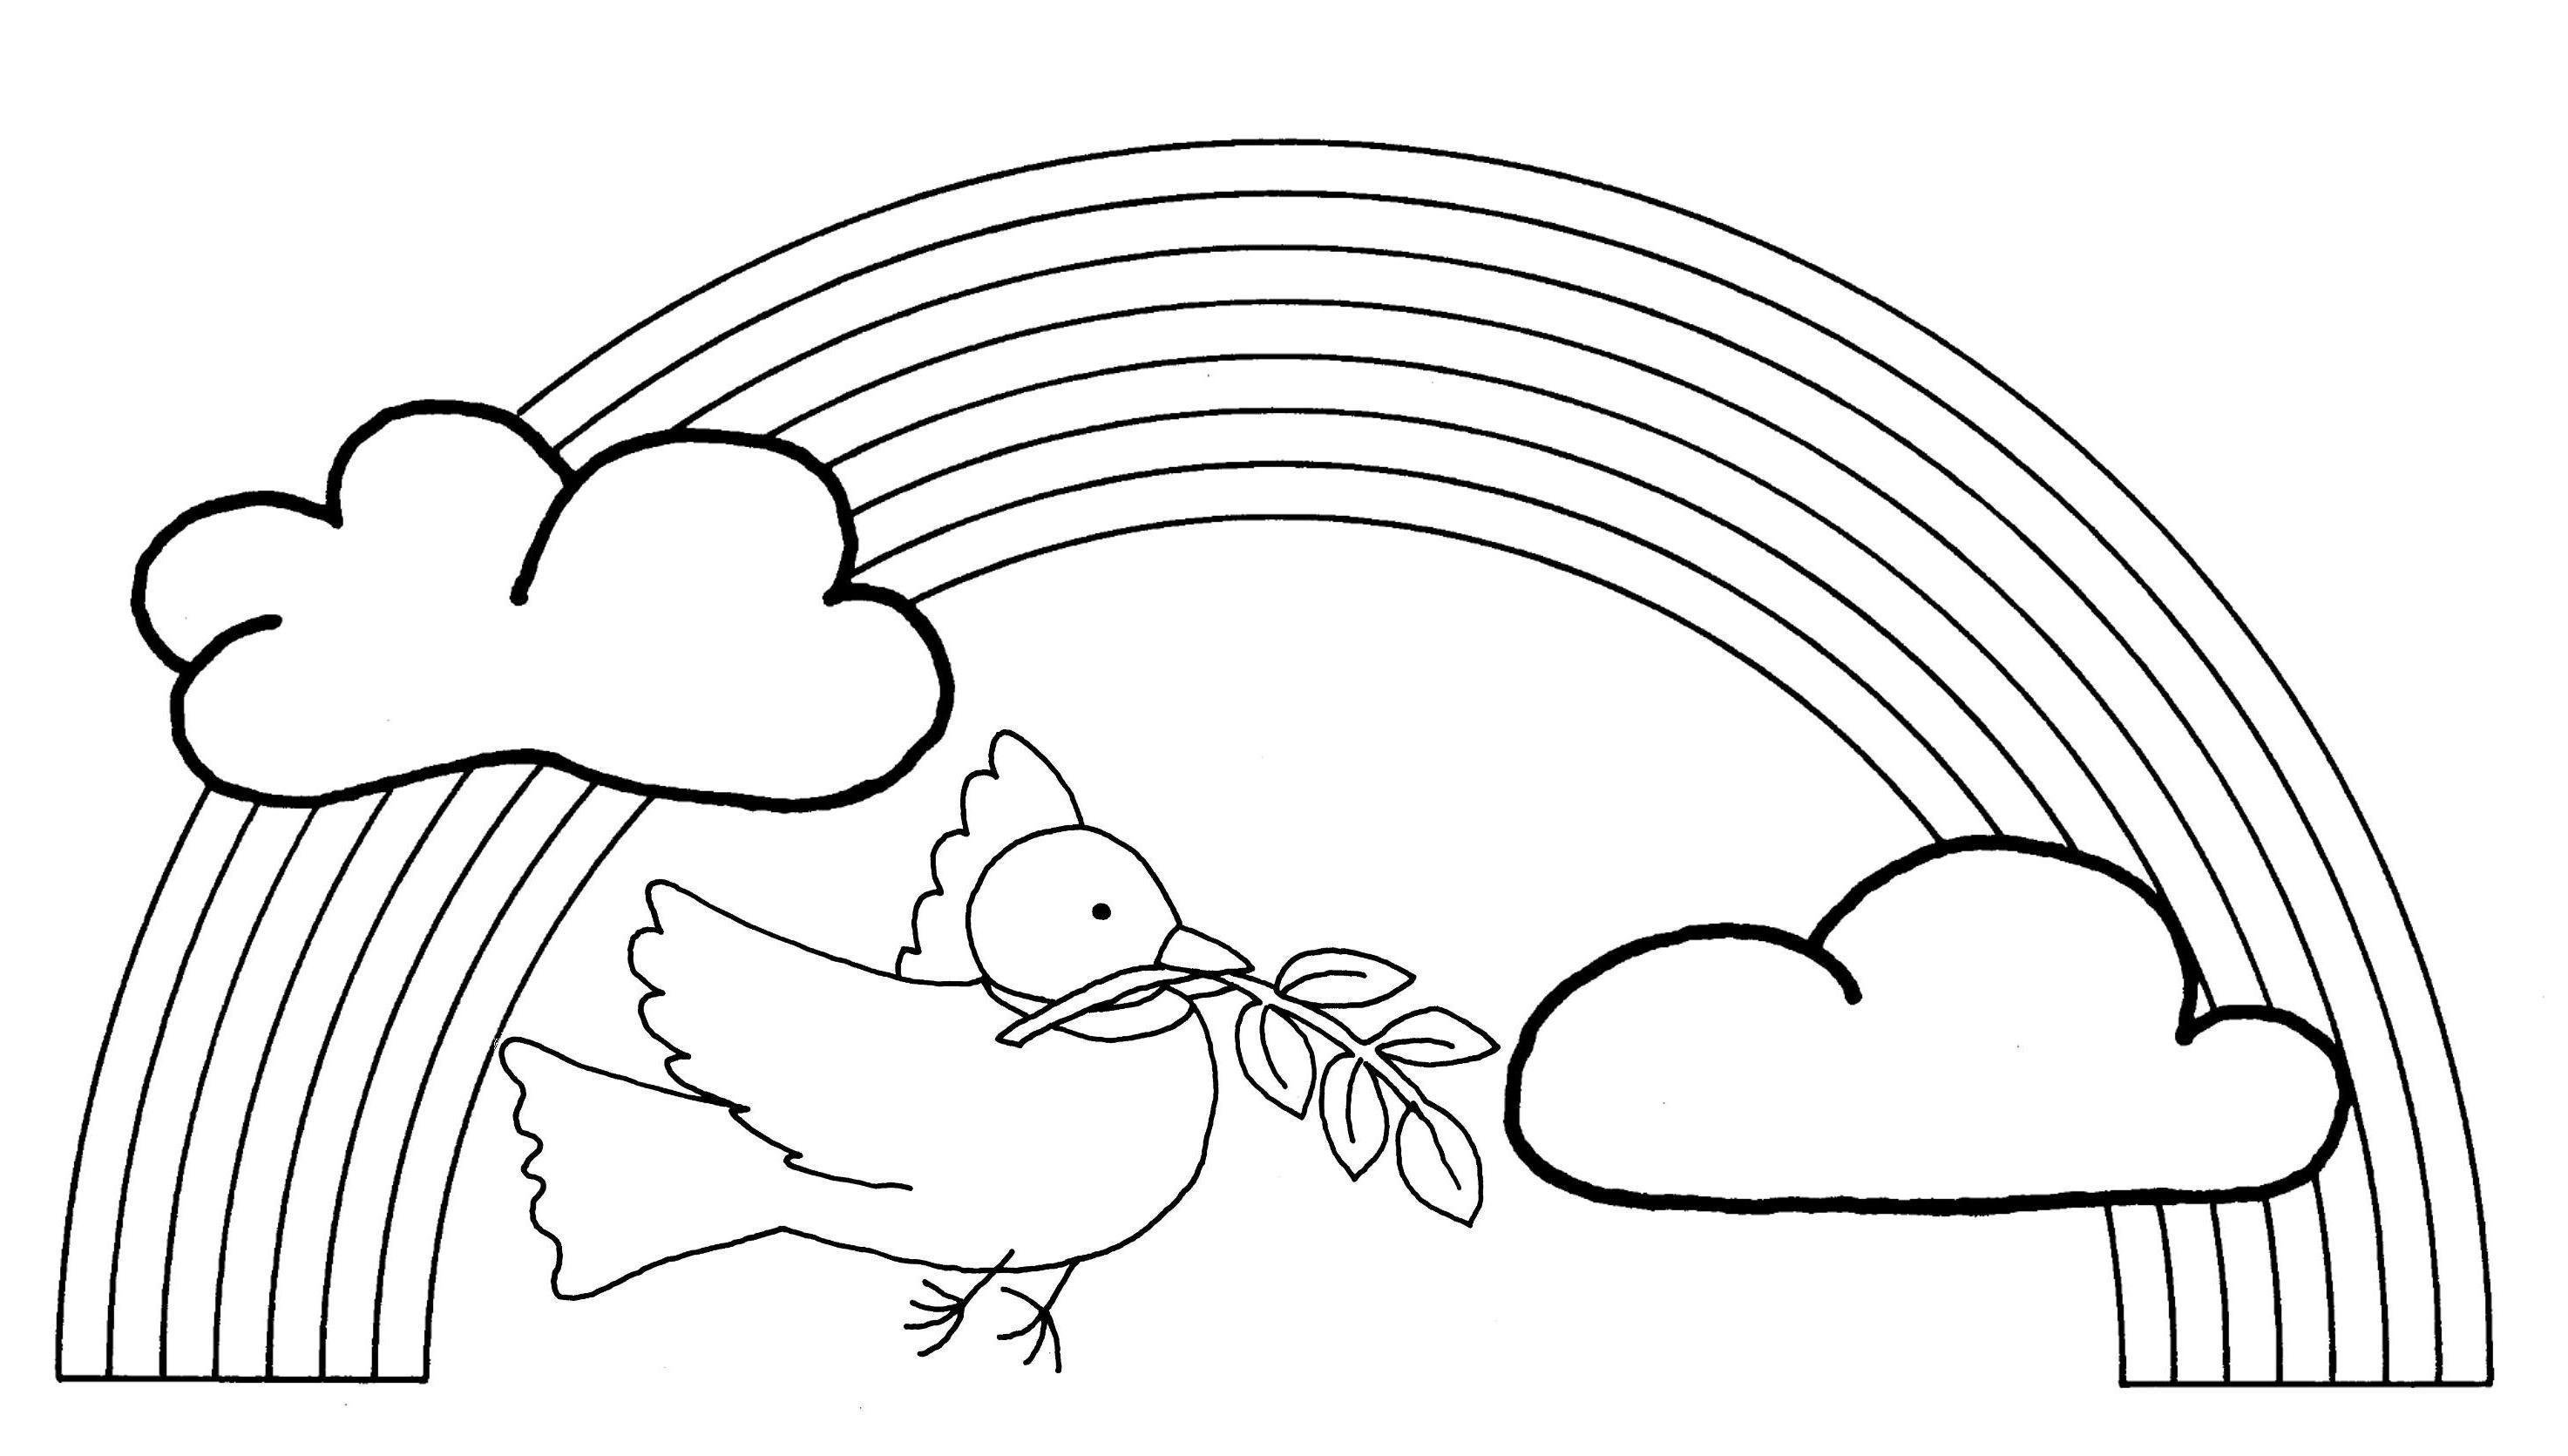 Bricolage Noé Mobile arc en ciel colombe